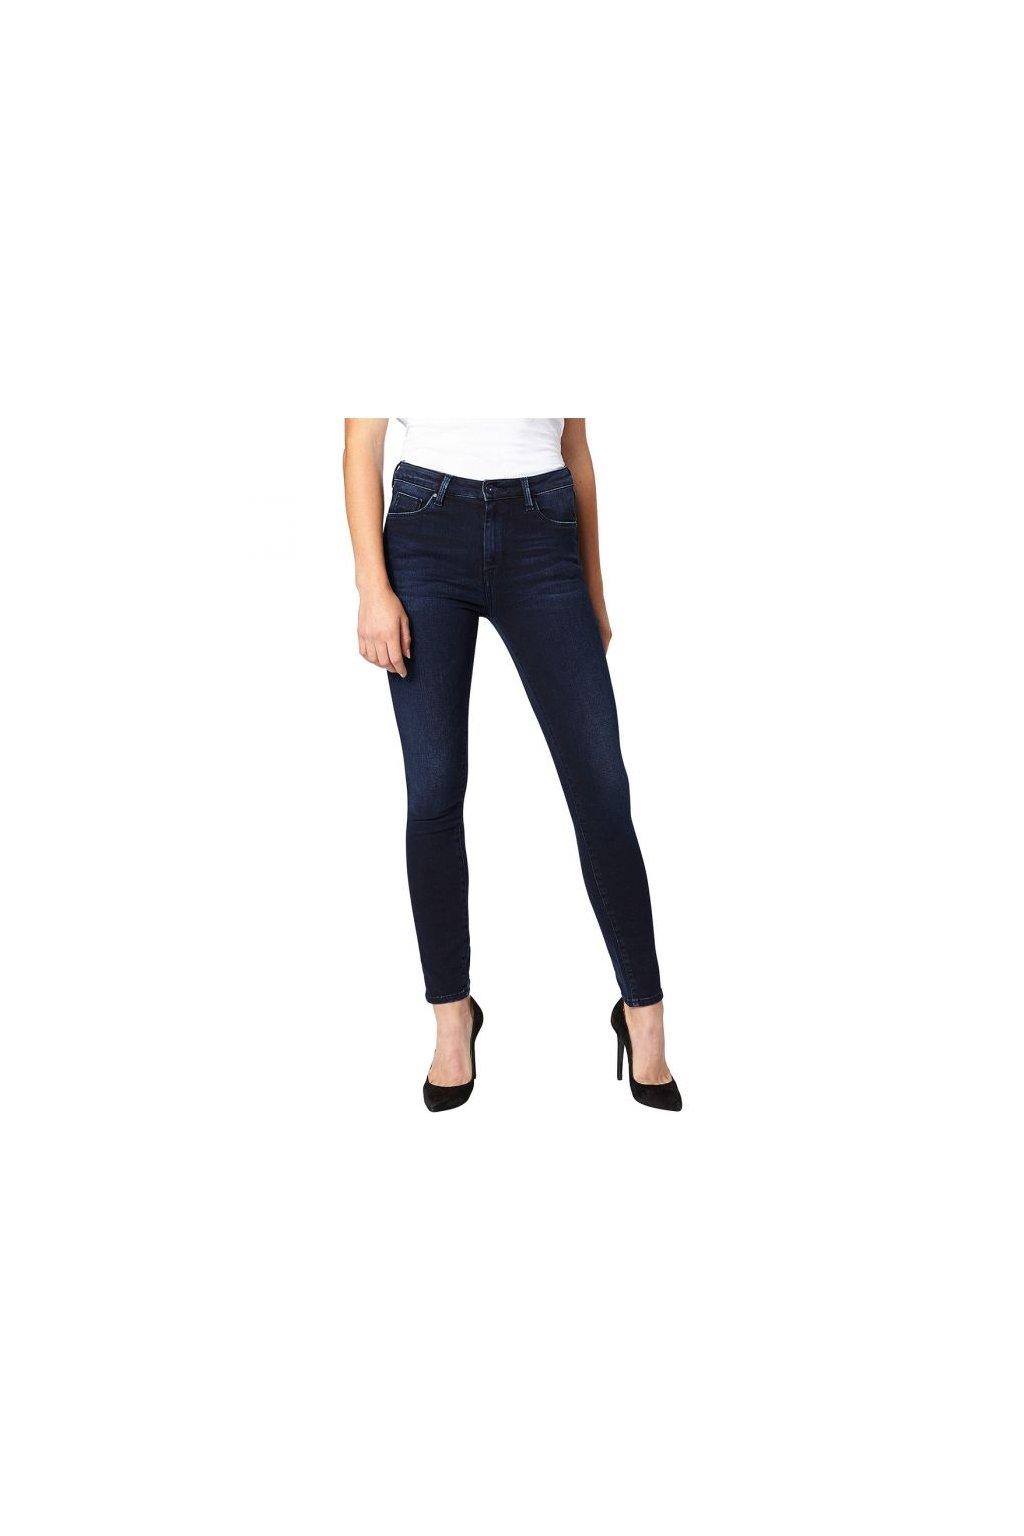 Dámské kalhoty Pepe Jeans PL2000398CA50 REGENT